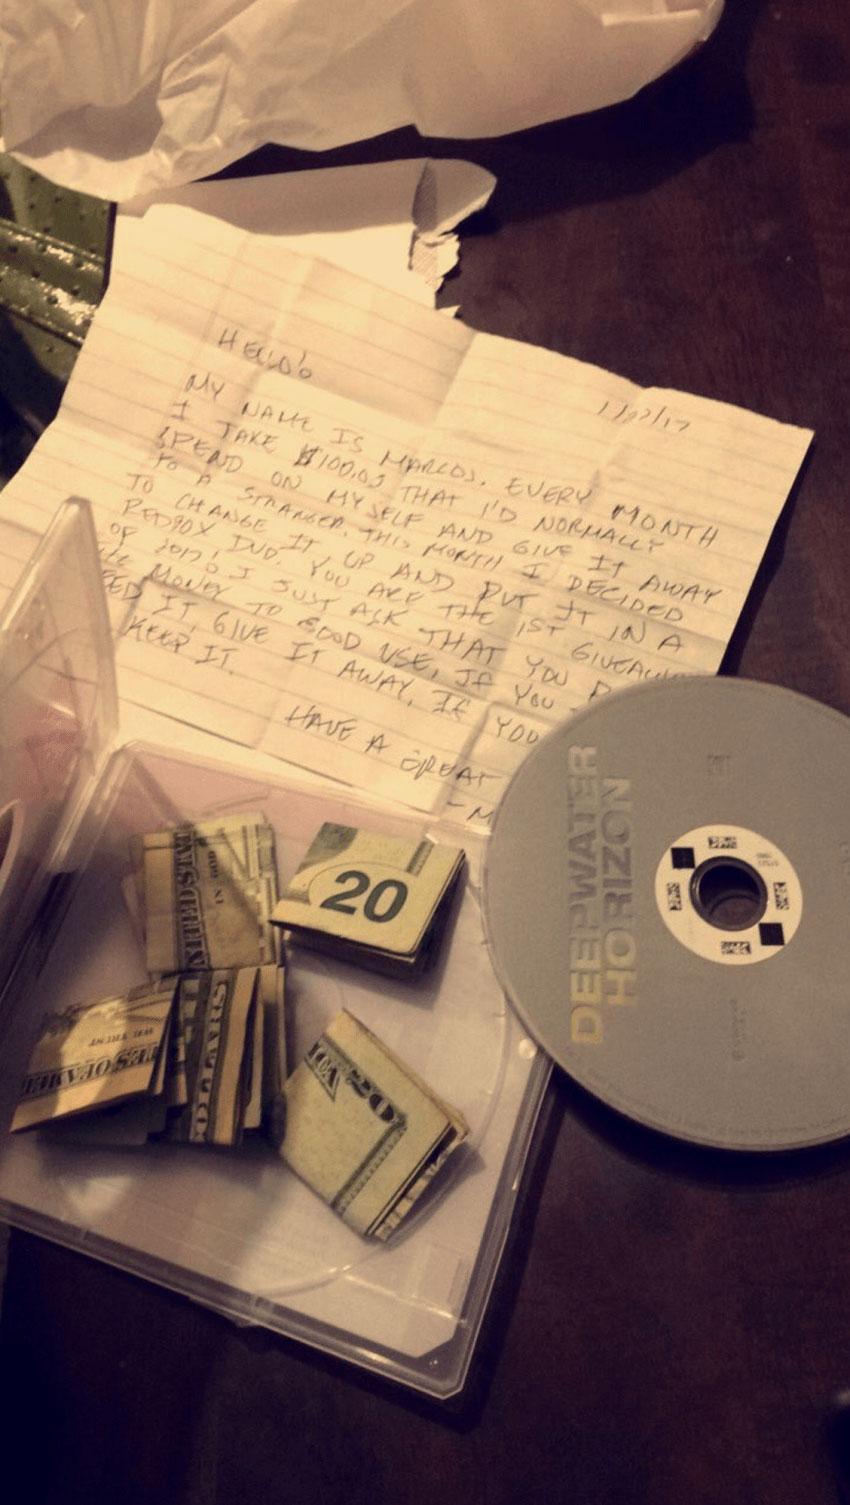 $100 inside a DVD case